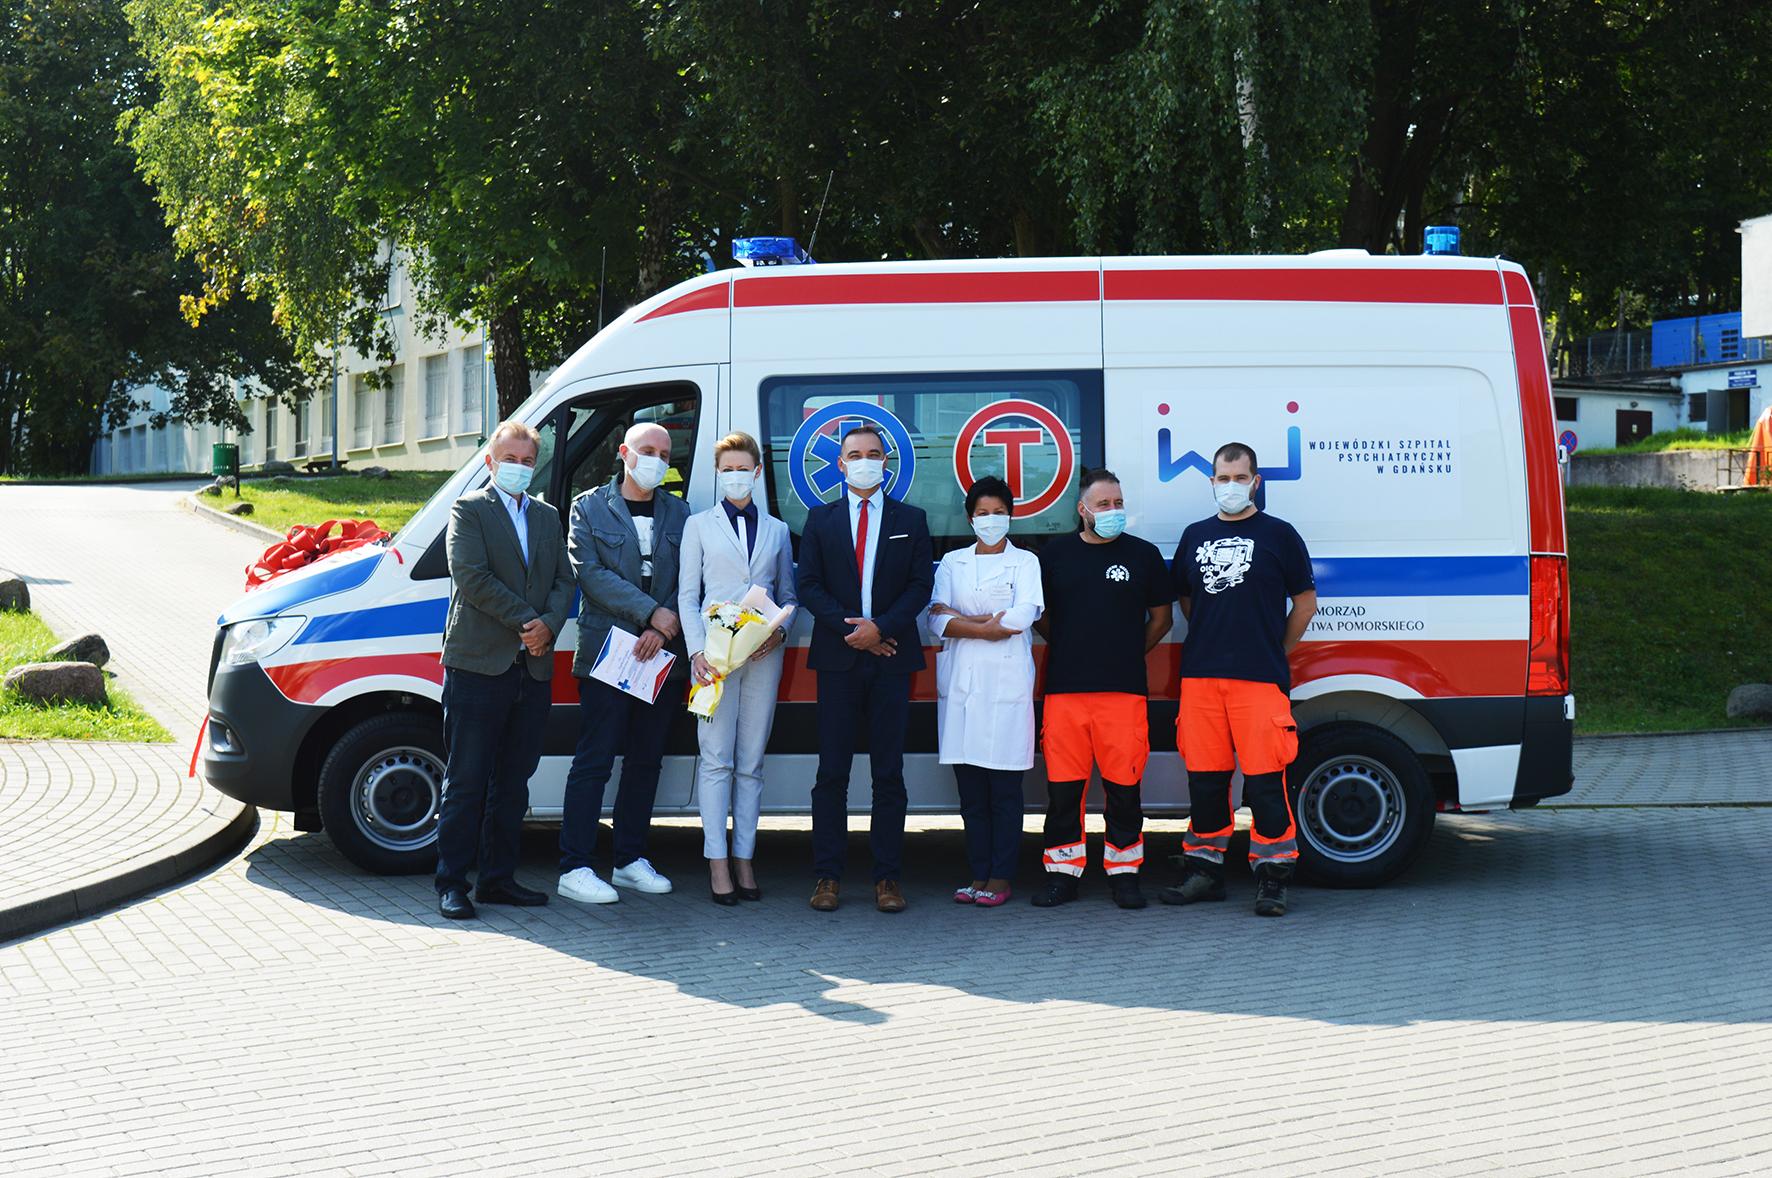 Ambulans ratunkowy i karetki przewozowe dostały trzy pomorskie szpitale